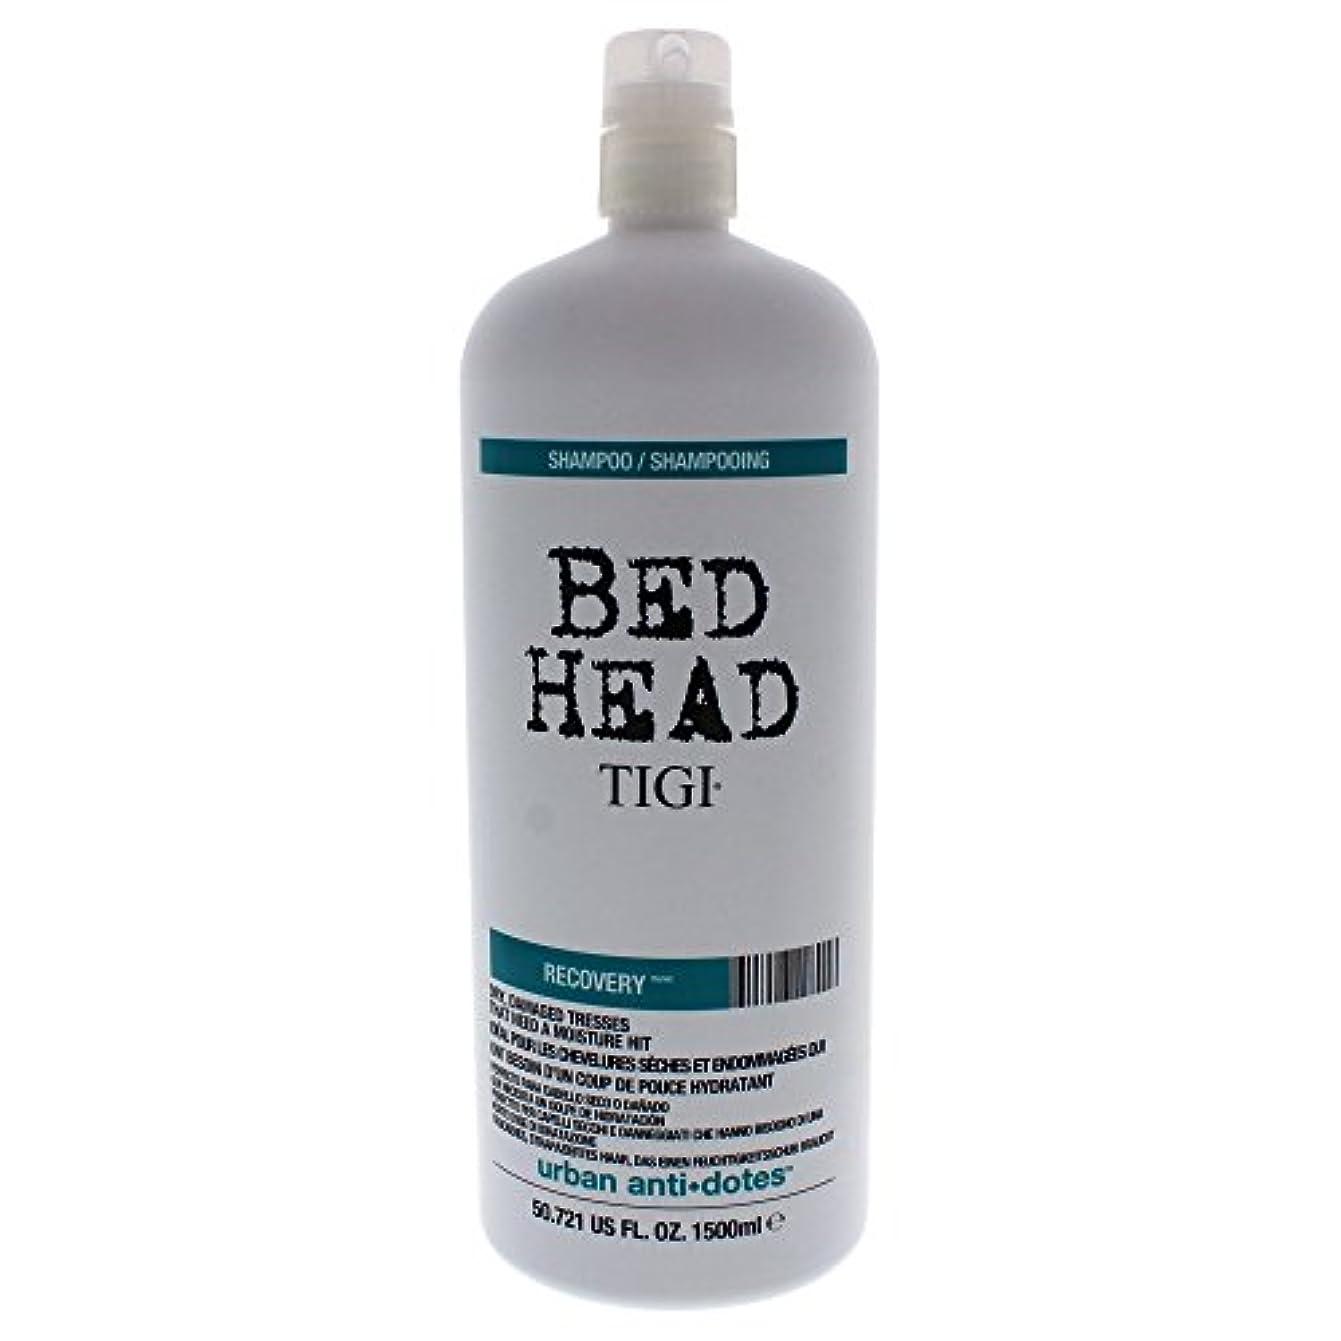 可能発明する知覚的Bed Head Urban Antidotes Recovery Shampoo